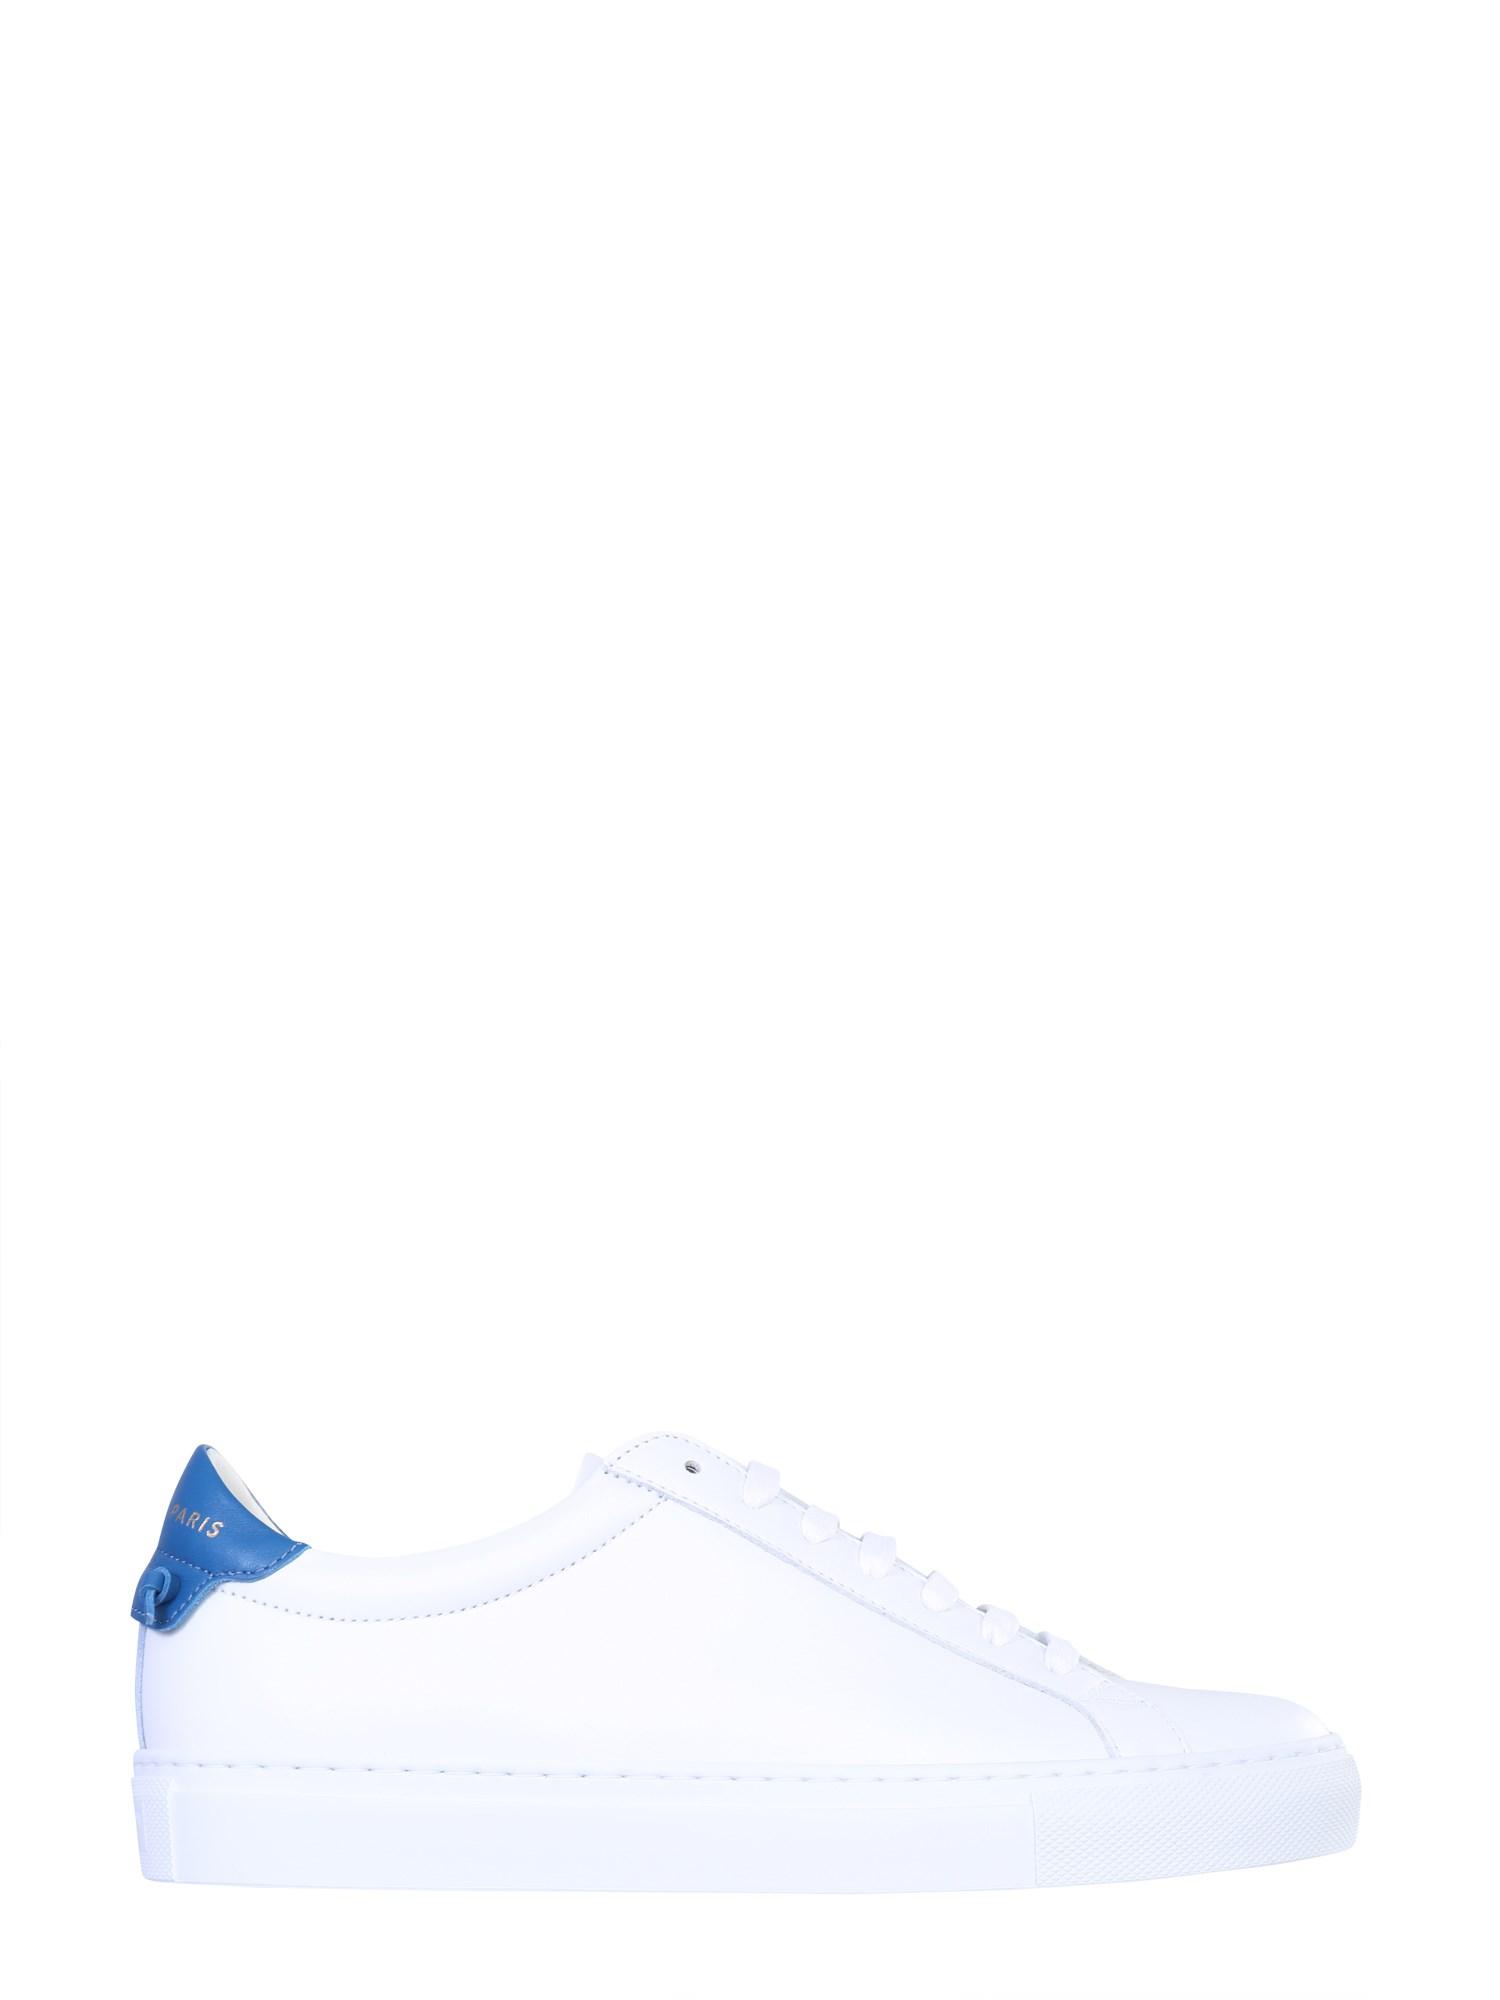 Givenchy urban street sneakers - givenchy - Modalova